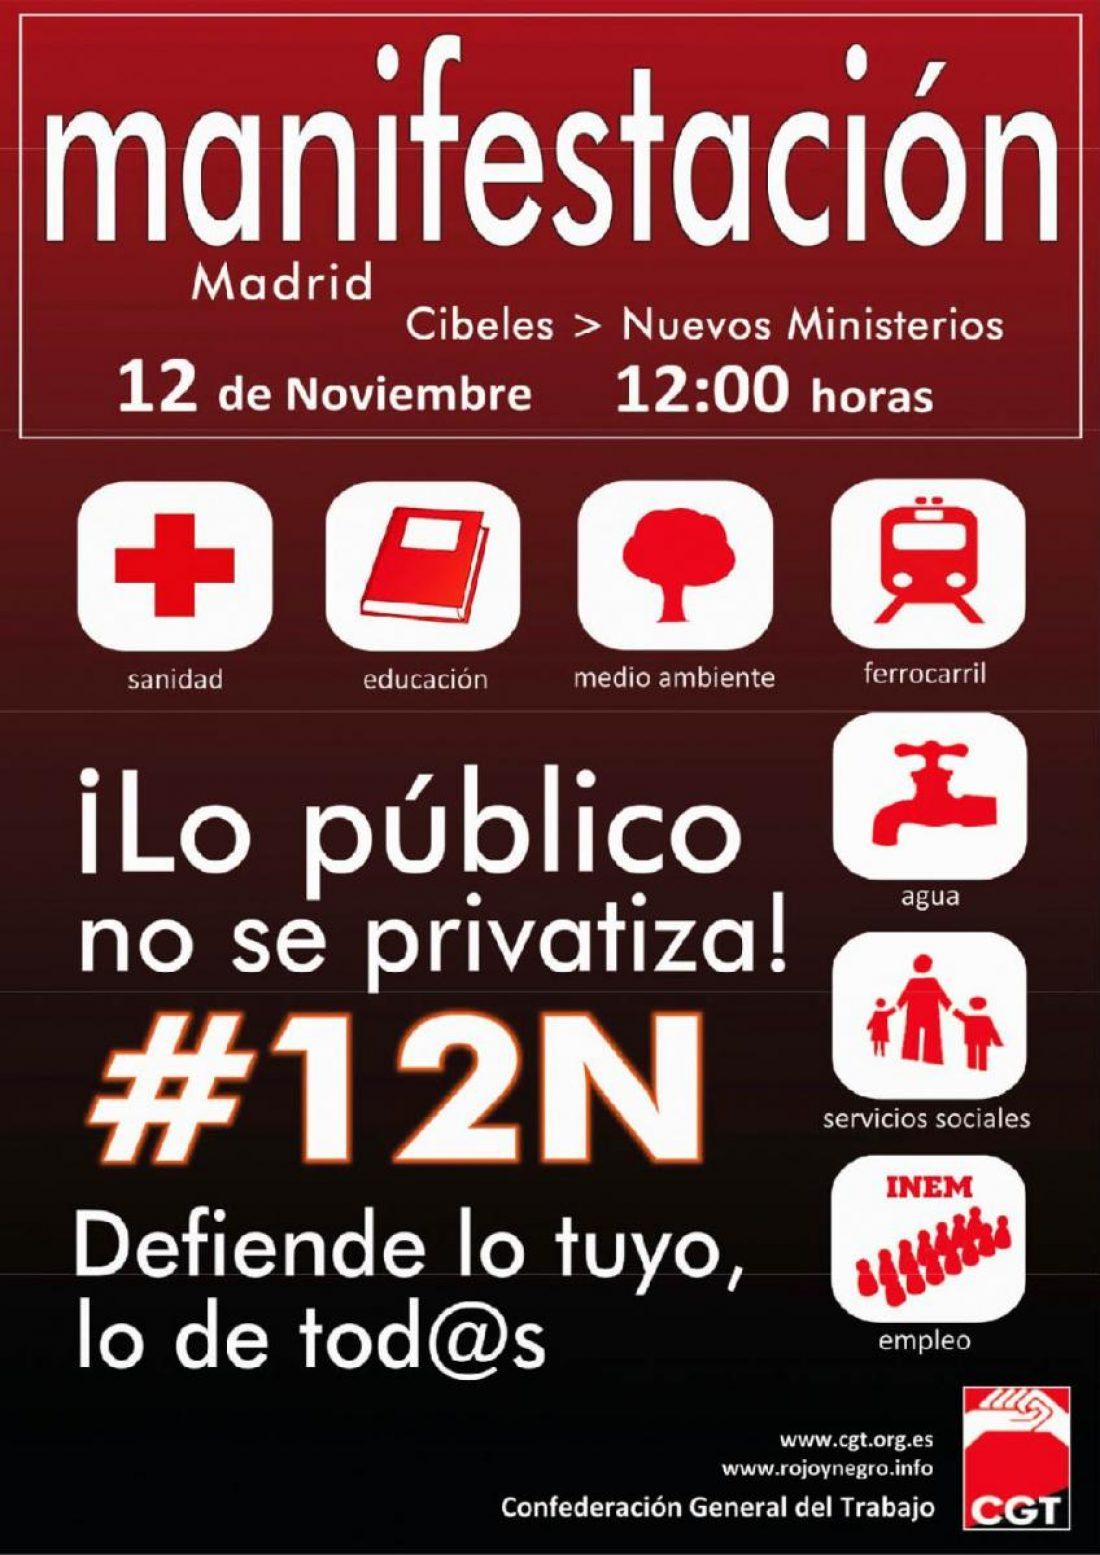 Madrid, 12 de Noviembre: Manifestación estatal de la CGT en defensa de los servicios públicos y contra los recortes sociales.